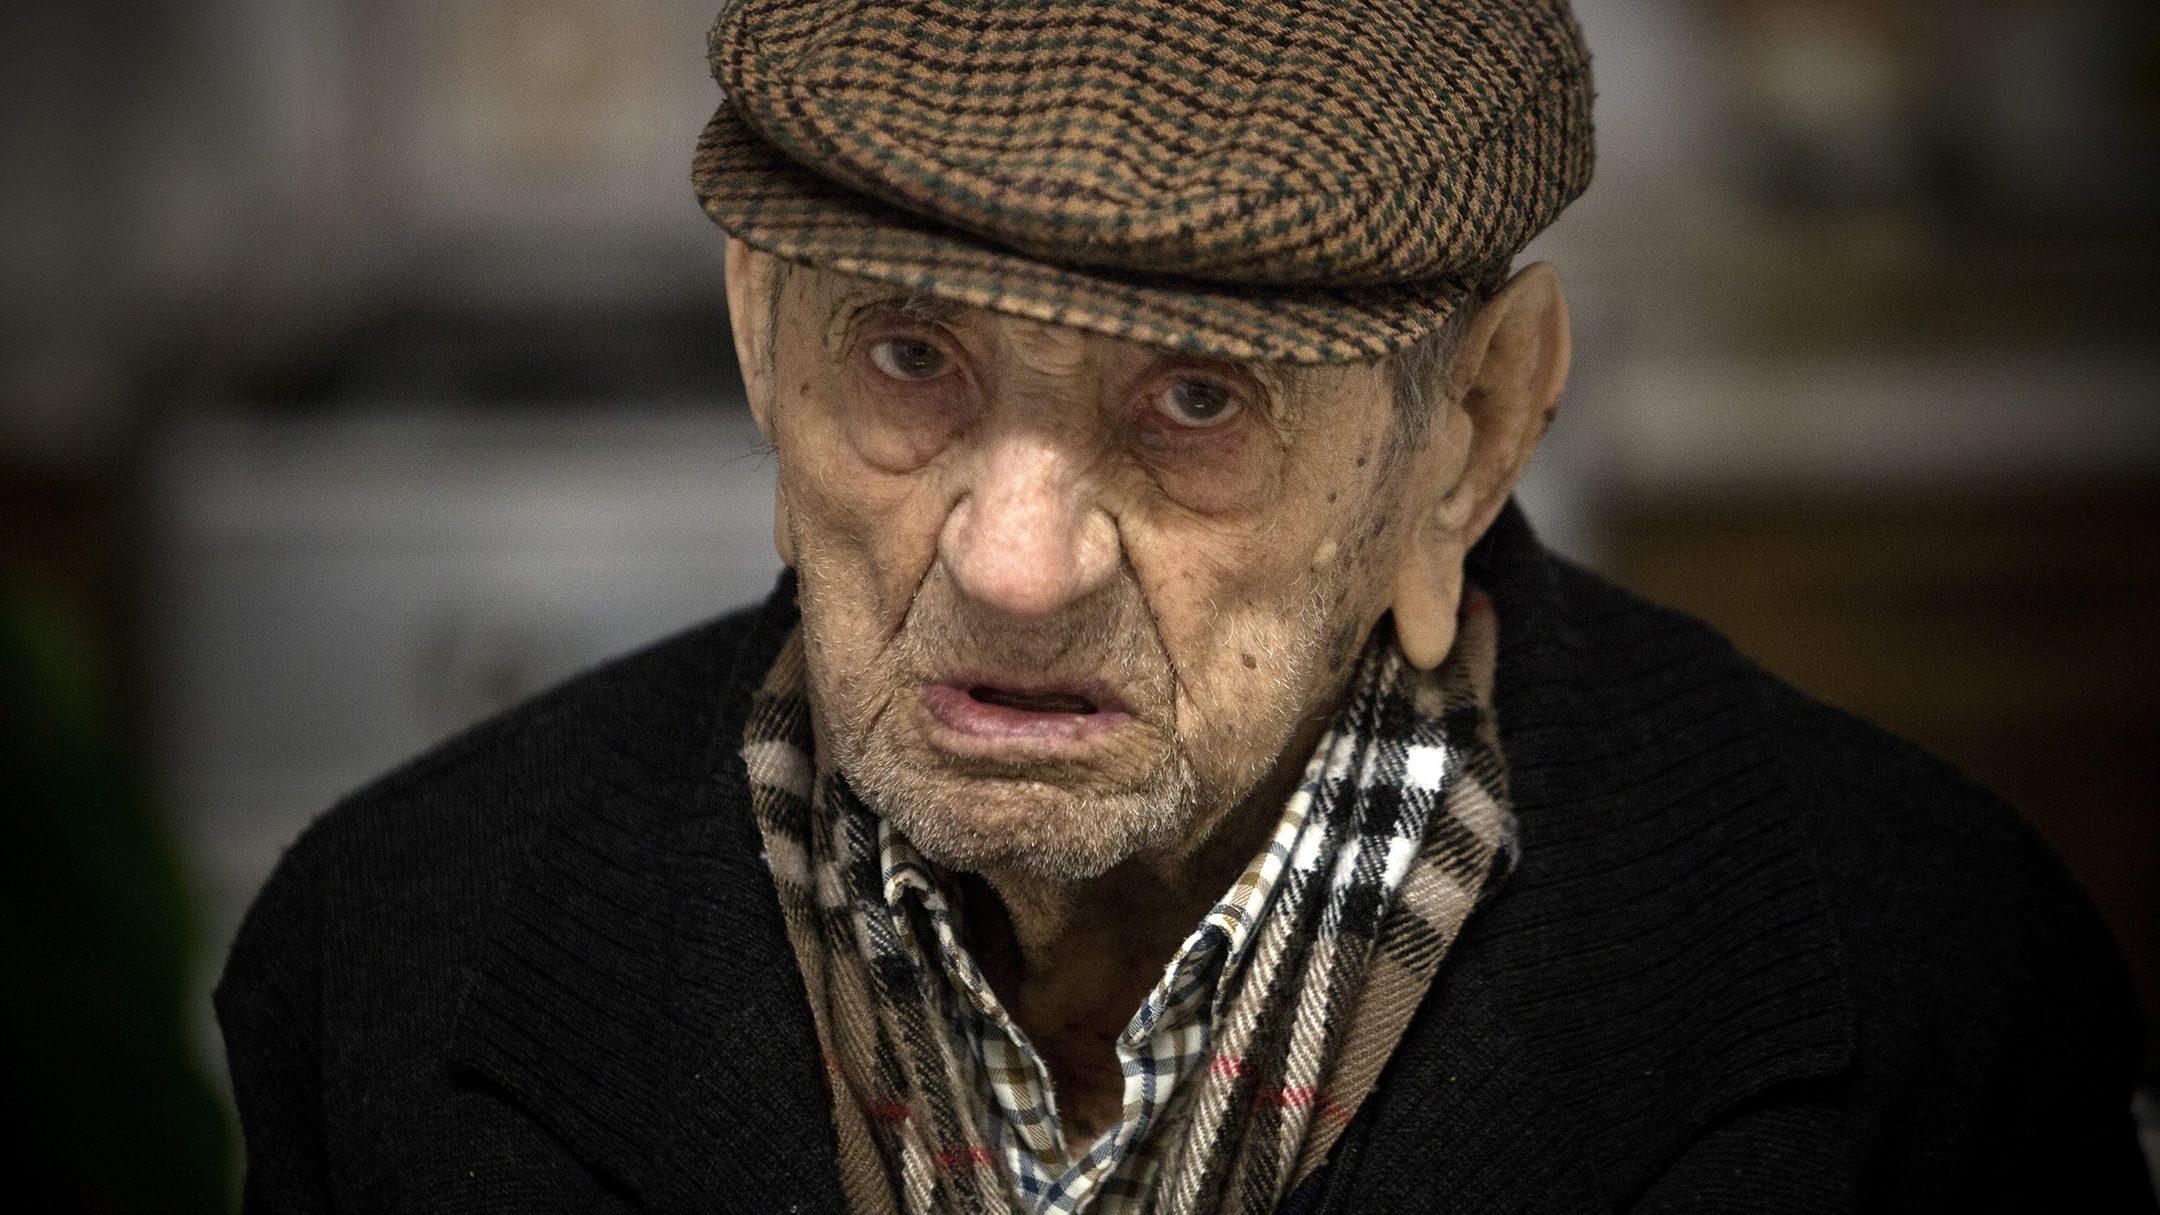 NO UTILIZAR SIN CONSULTAR CON FOTOGRAFIA Alberto Di Lolli 18/3/15, Bienvenida, Badajoz. PARA ESPECIAL LONGEVIDAD. Reportaje a Francisco Nunez Olivera 'Marchena', el hombre mas viejo de Espanya con 110 anyos.